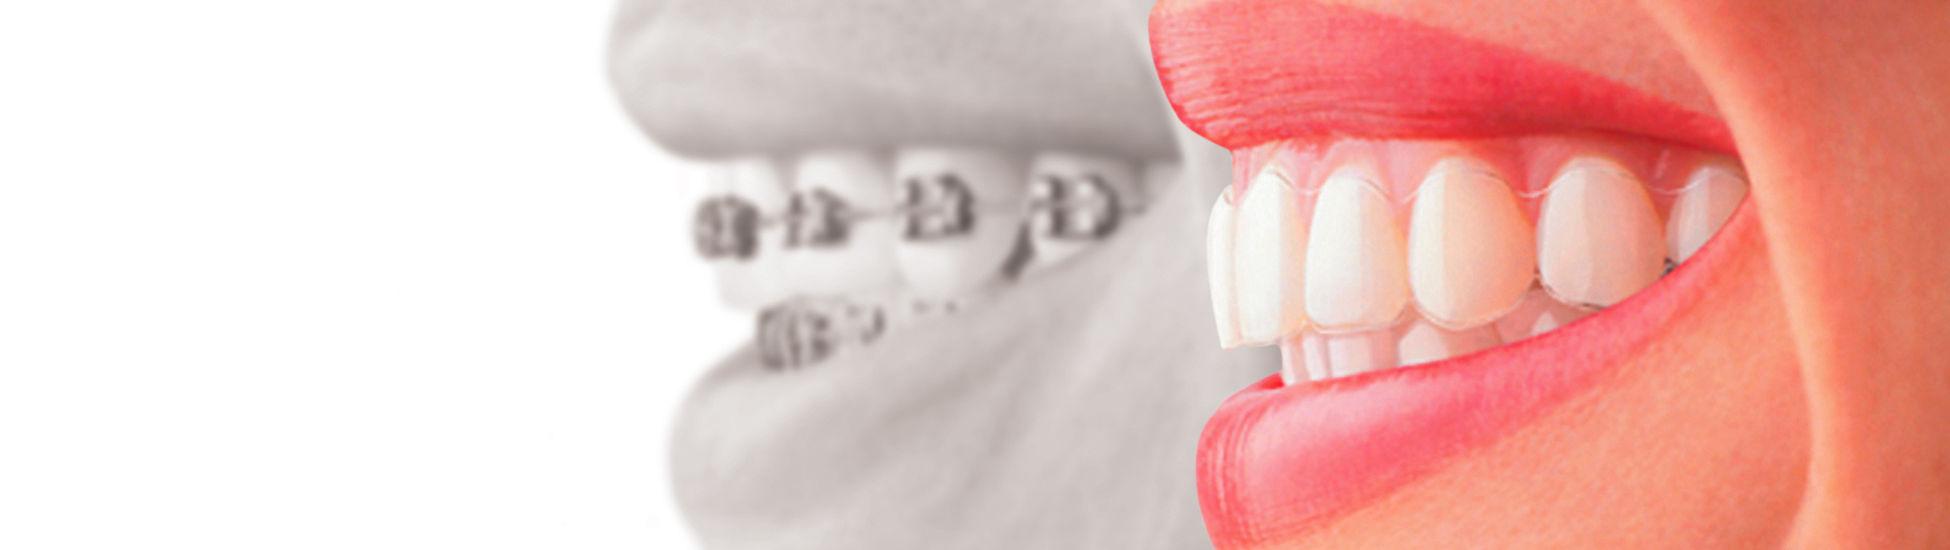 Orthodontiste Amp Pdodontiste Crteil 94000